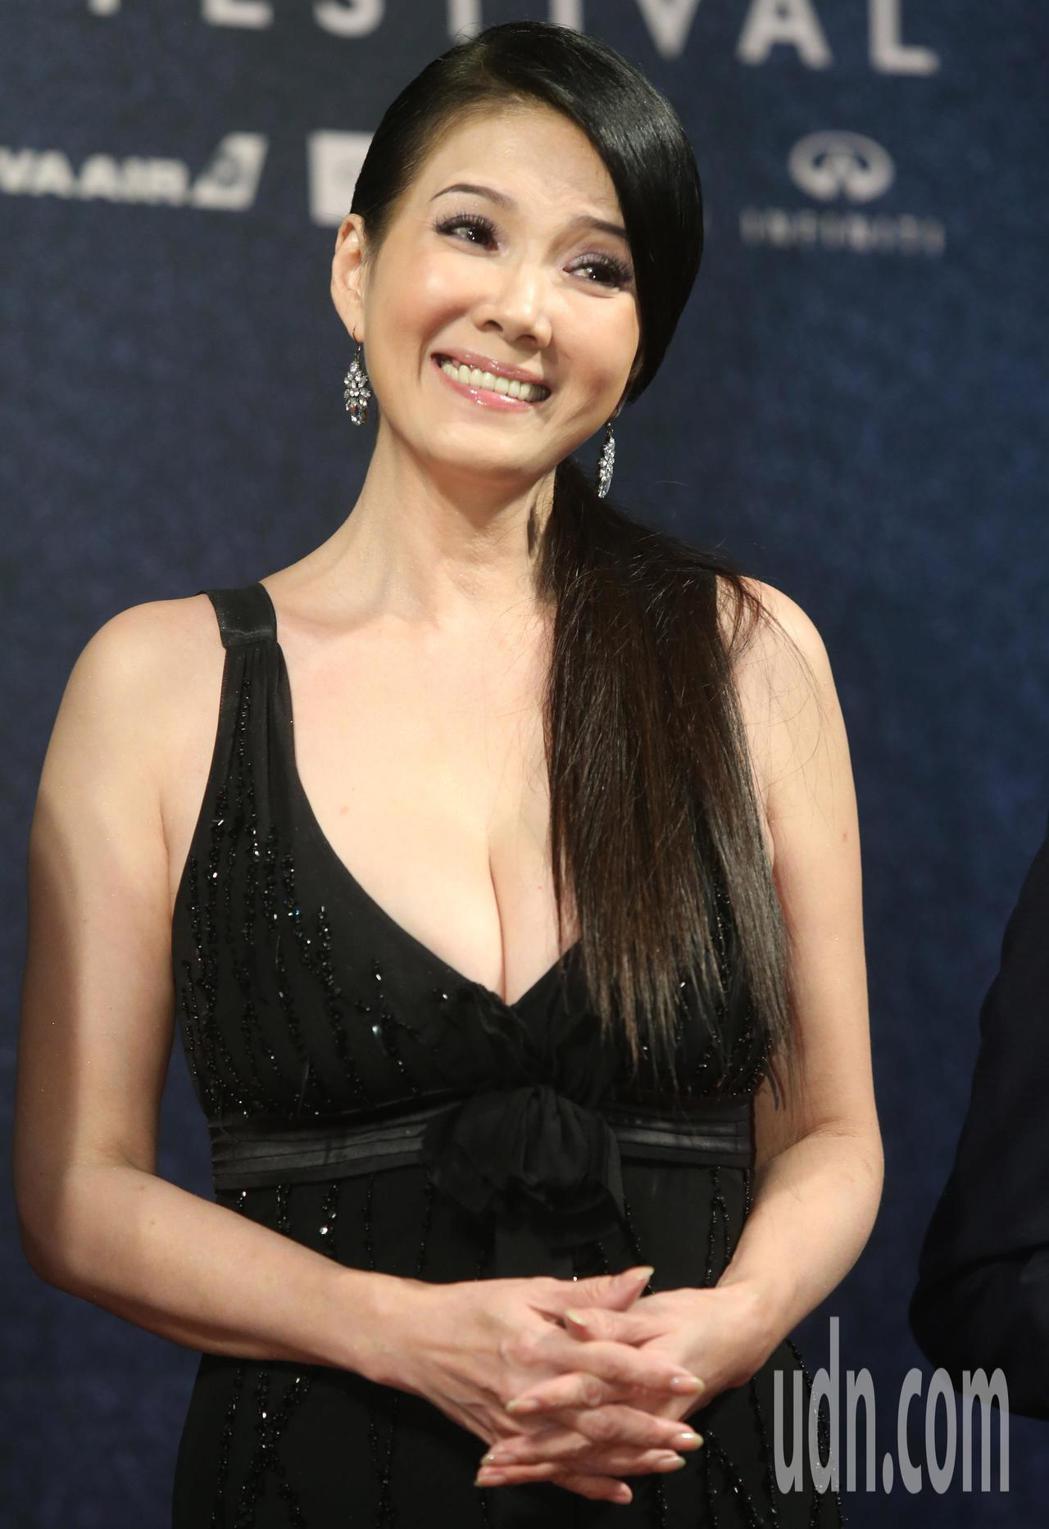 電影「大佛普拉斯」,丁國琳今晚在金馬影展紅毯亮相,冒著冷氣團來襲的低溫,她一襲黑...